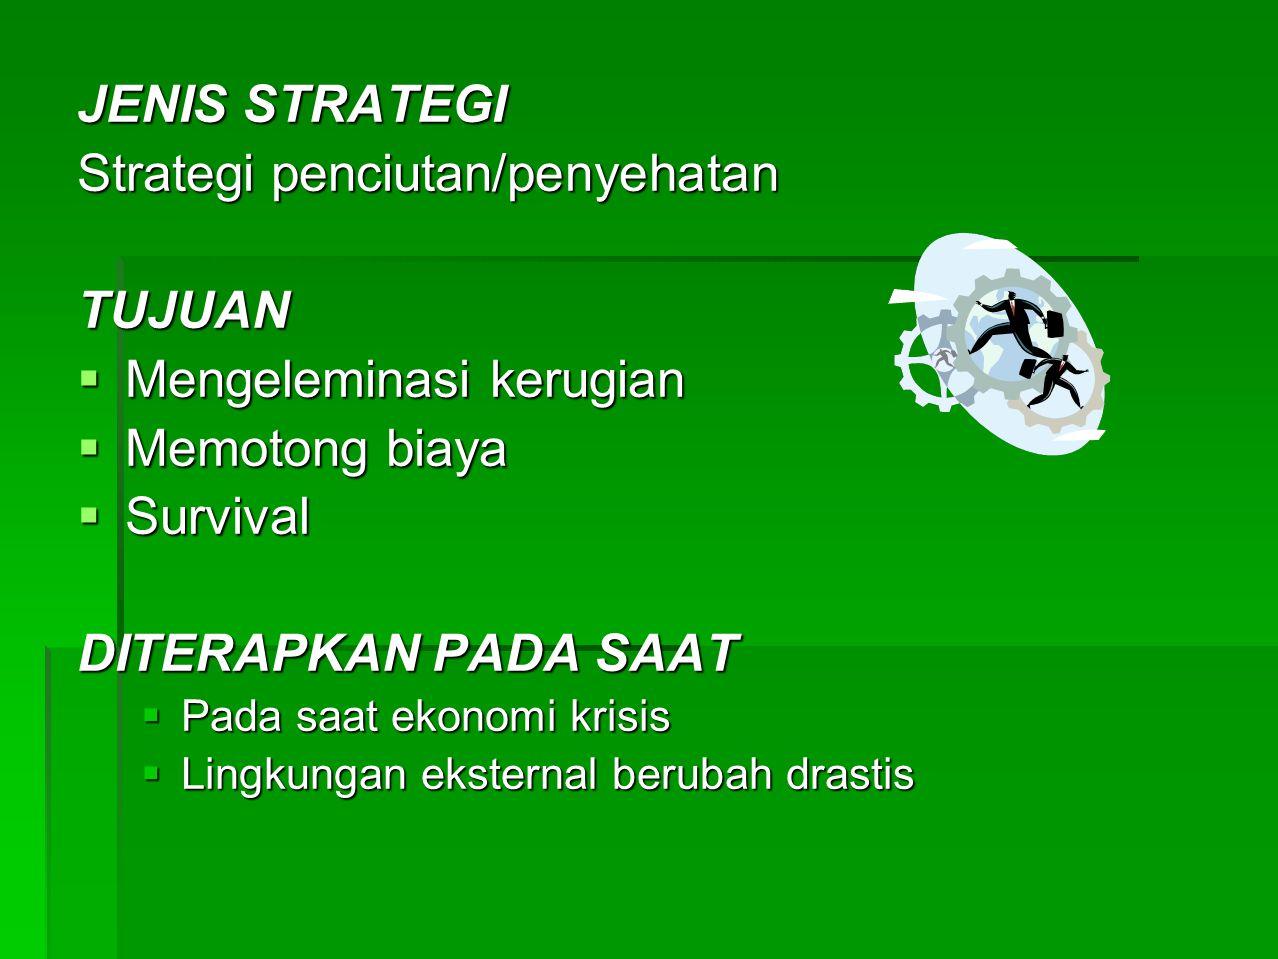 JENIS STRATEGI Strategi Kombinasi TUJUAN  Meningkatkan pendapatan  Mengeleminasi kerugian dan biaya DITERAPKAN PADA SAAT  Pada saat terjadi transisi ekonomi  Perusahaan multiproduk, multi divisi, atau portopolio bisnis